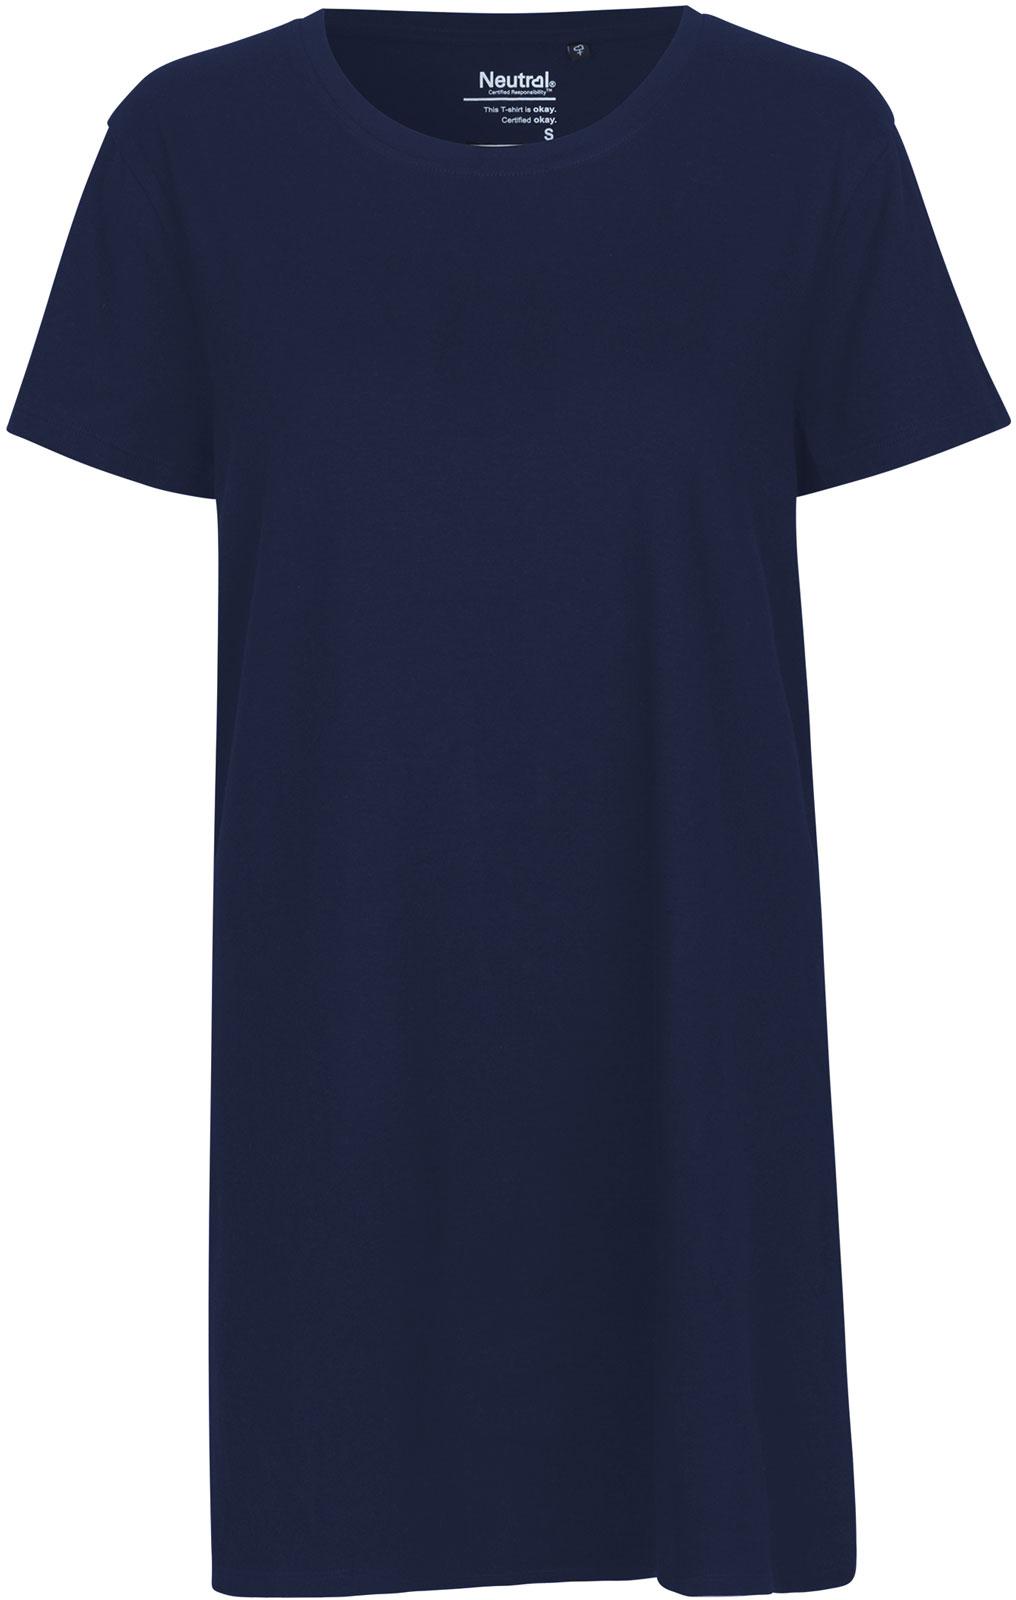 Weltweit Versandkostenfrei Heiß-Verkauf am neuesten Keine Verkaufssteuer Jersey-Kleid aus Fairtrade Bio-Baumwolle - navy